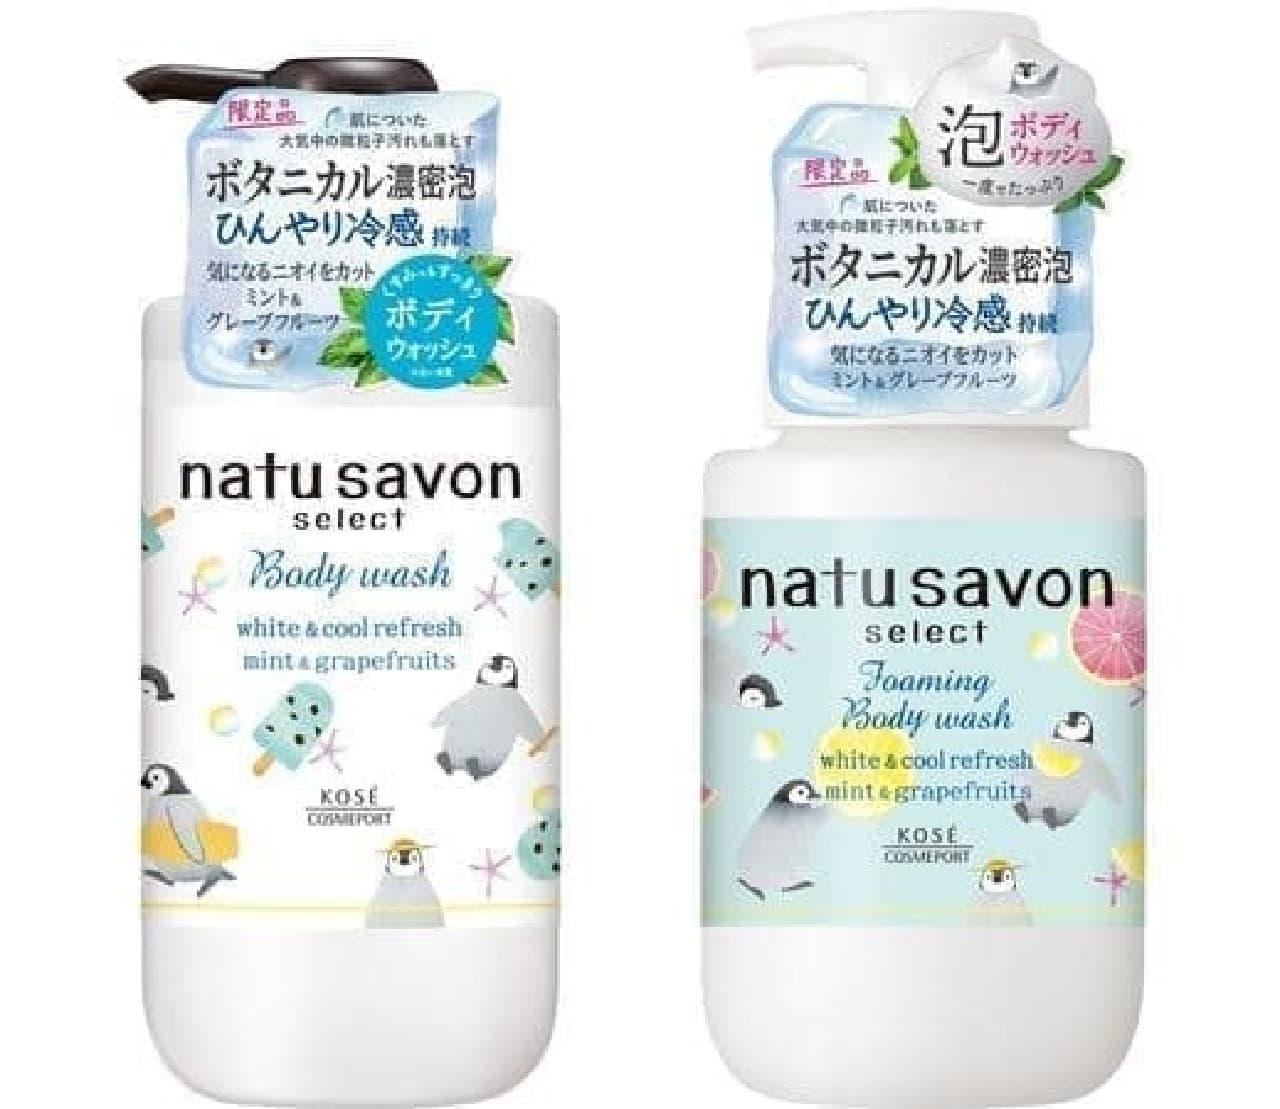 ソフティモ ナチュサボン セレクト ホワイト ボディウォッシュ ミント&グレープフルーツの香り